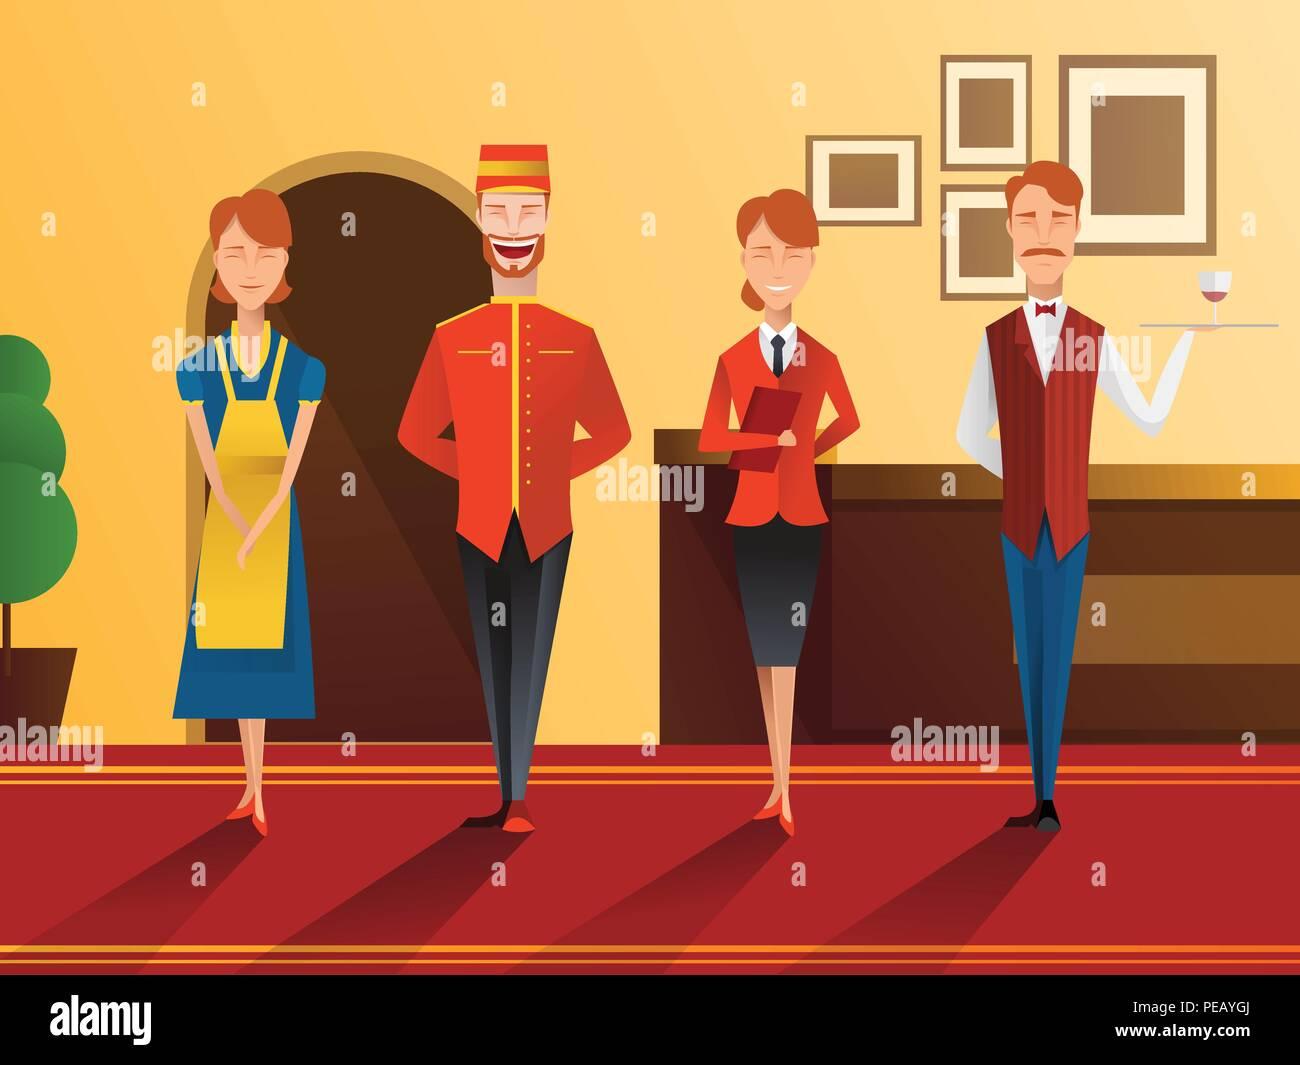 Charakter der lächelnden Angestellten Flachbild gradient Komposition mit Rezeption, Kellner, Türsteher und maid Vector Illustration Stockbild